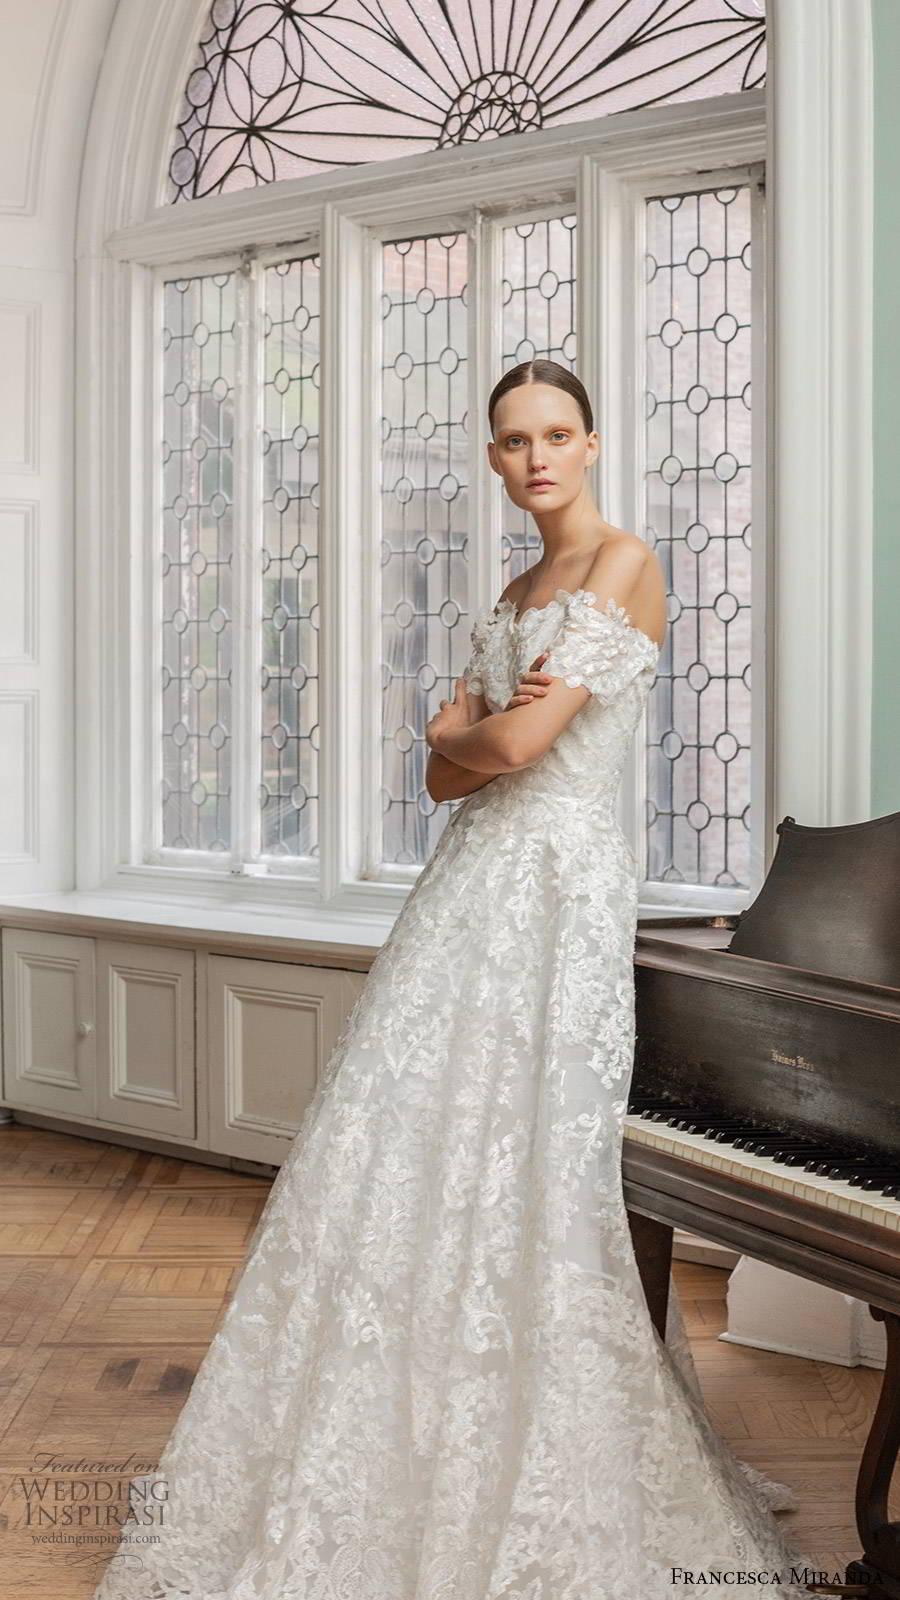 francesca miranda spring 2020 bridal off shoulder sweetheart neckline fully embellished lace a line ball gown wedding dress romantic elegant (6) sv